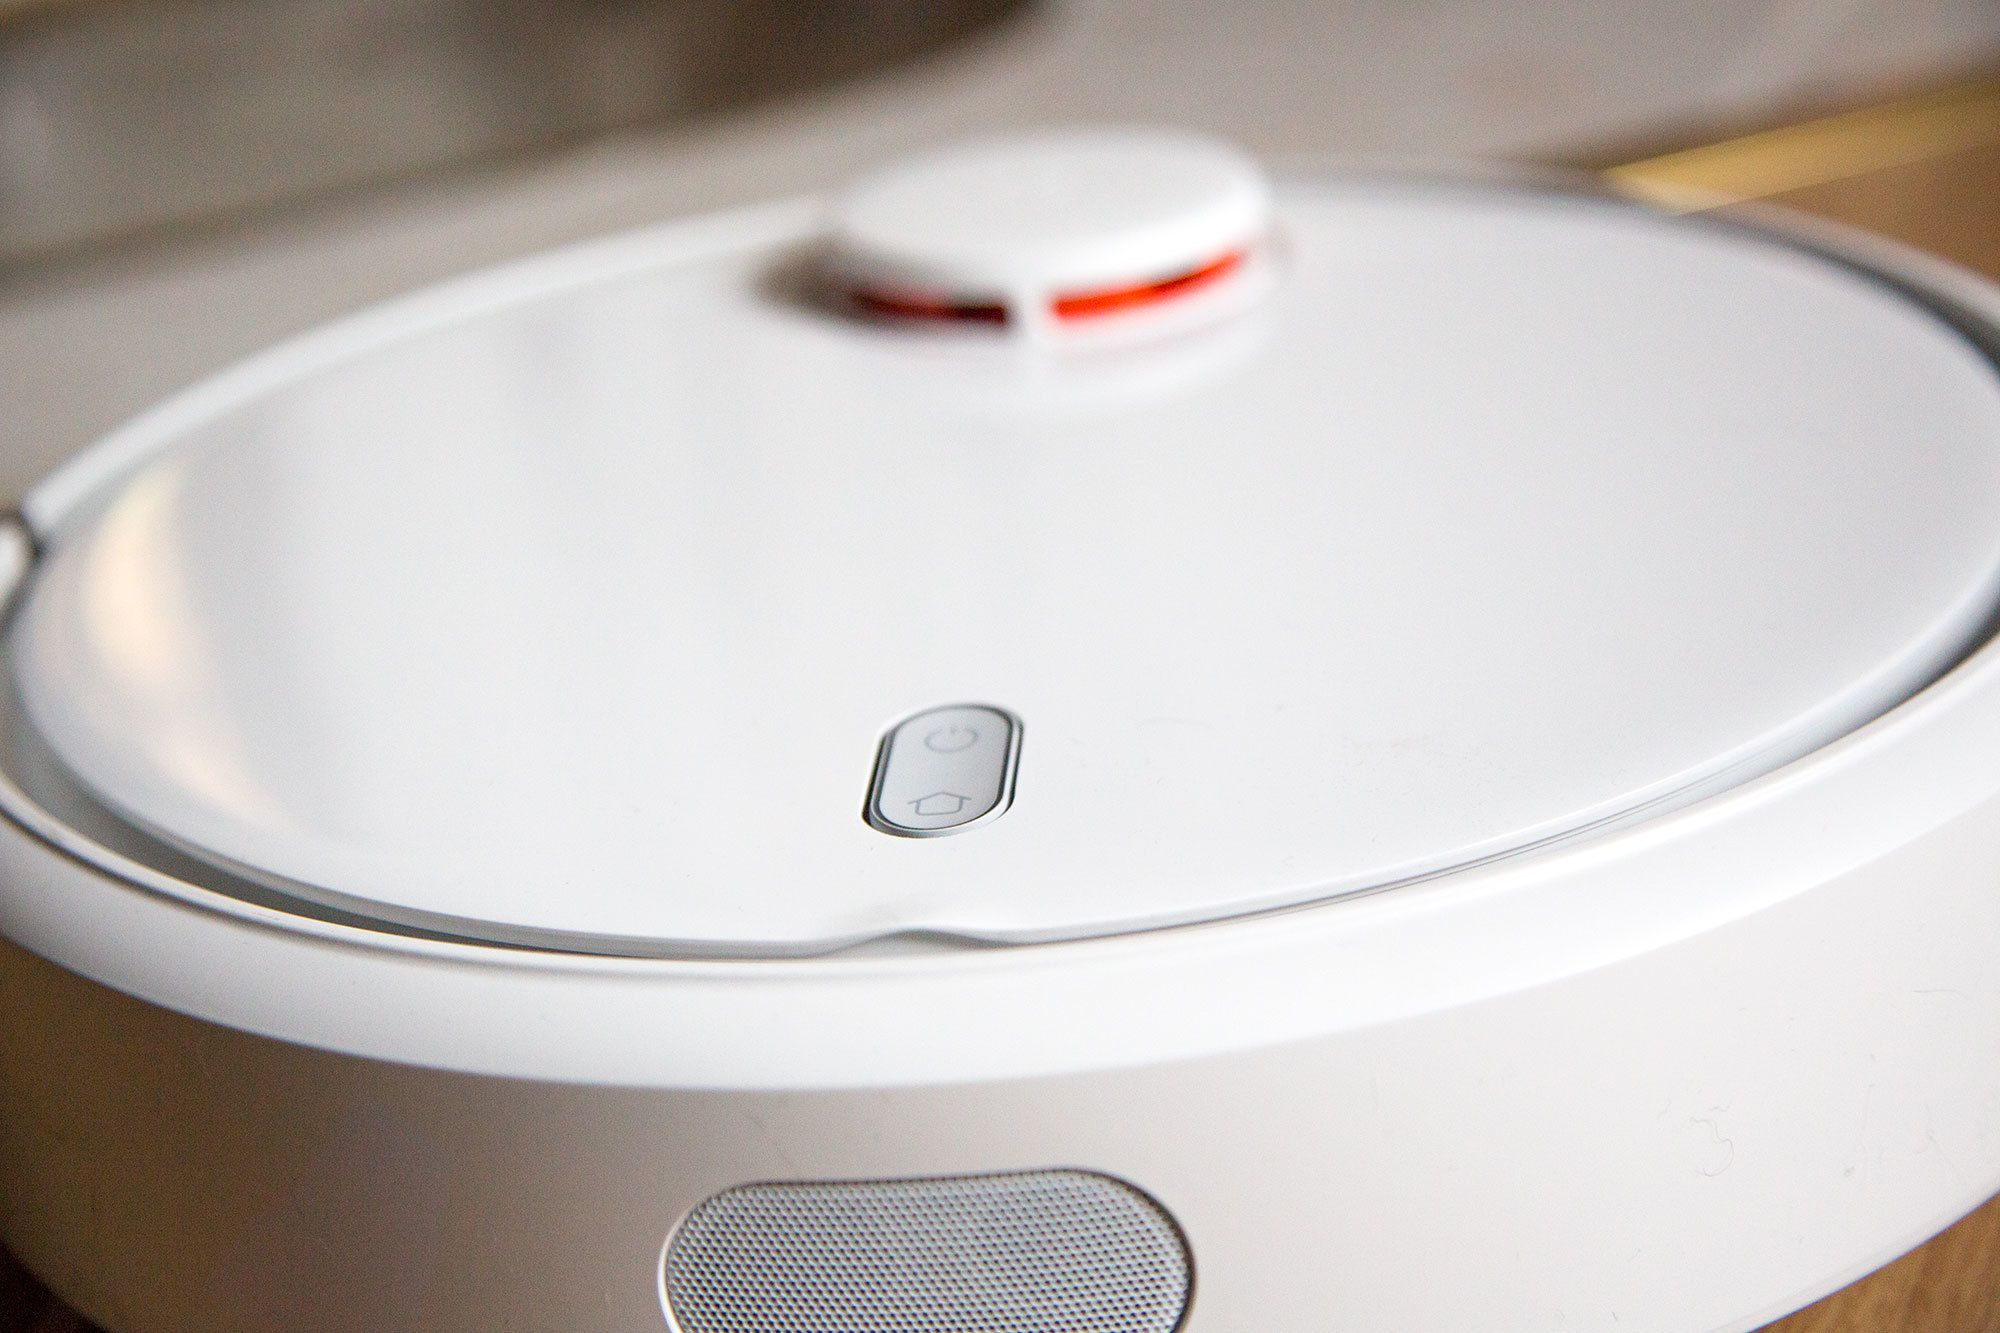 Støvsugeren har ingen skjerm og kun to knapper på toppen.